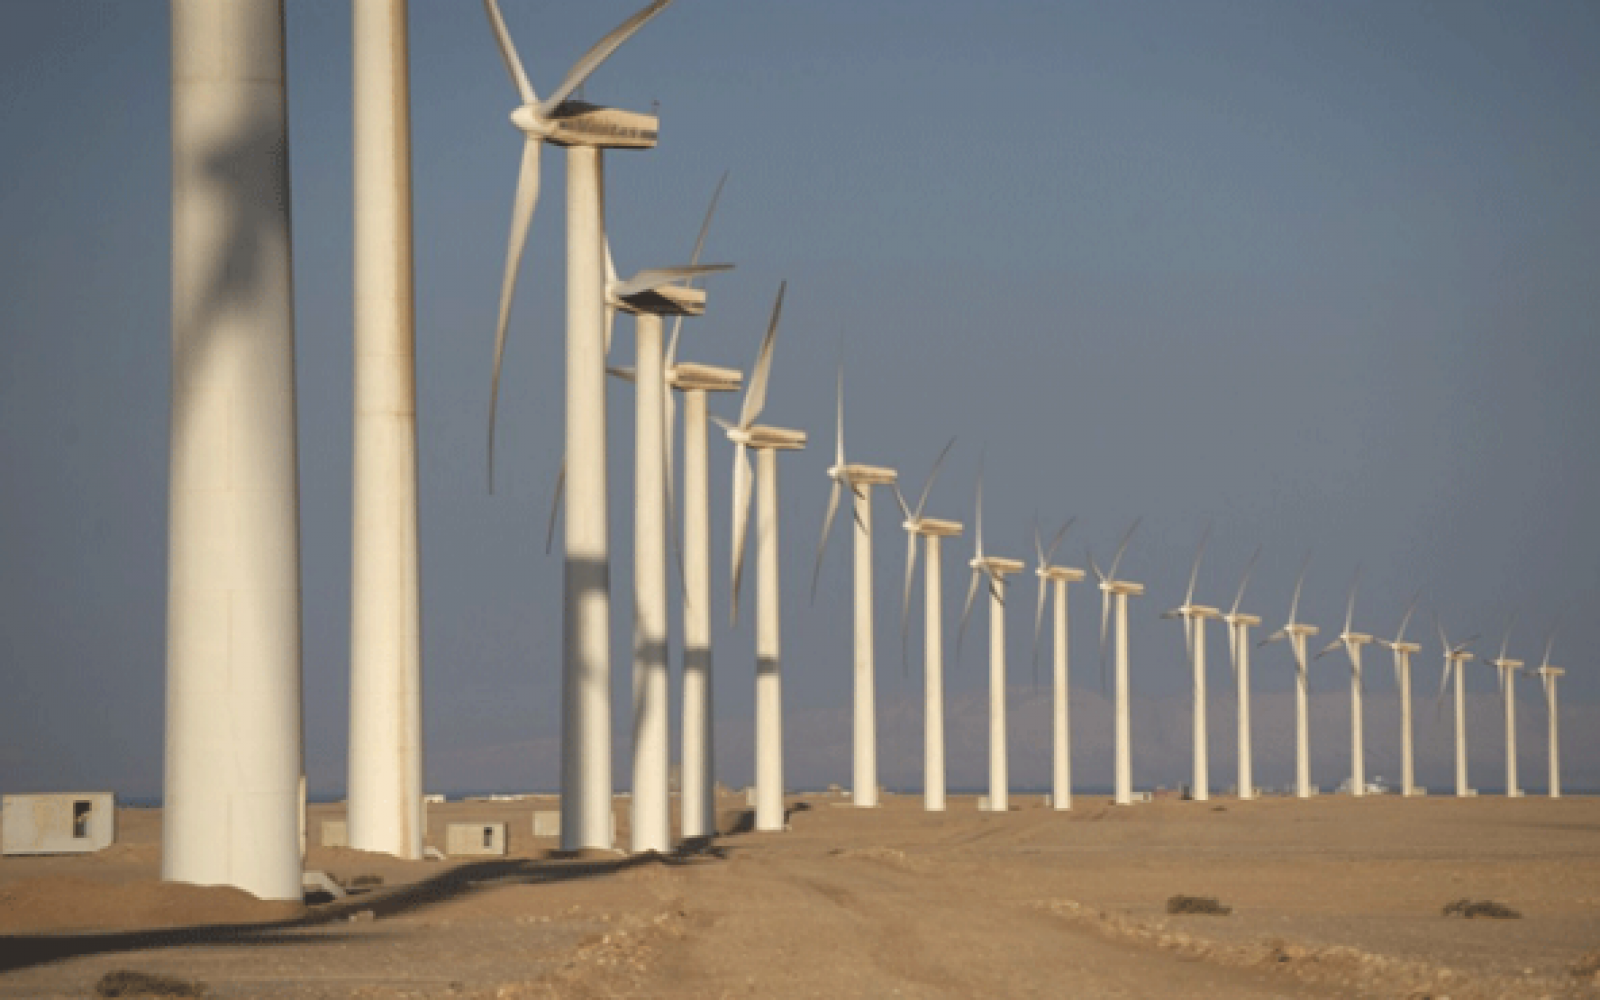 """""""الأوروبى لإعادة الإعمار"""" يشارك فى تمويل أكبر محطة رياح ينفذها القطاع الخاص بمصر"""